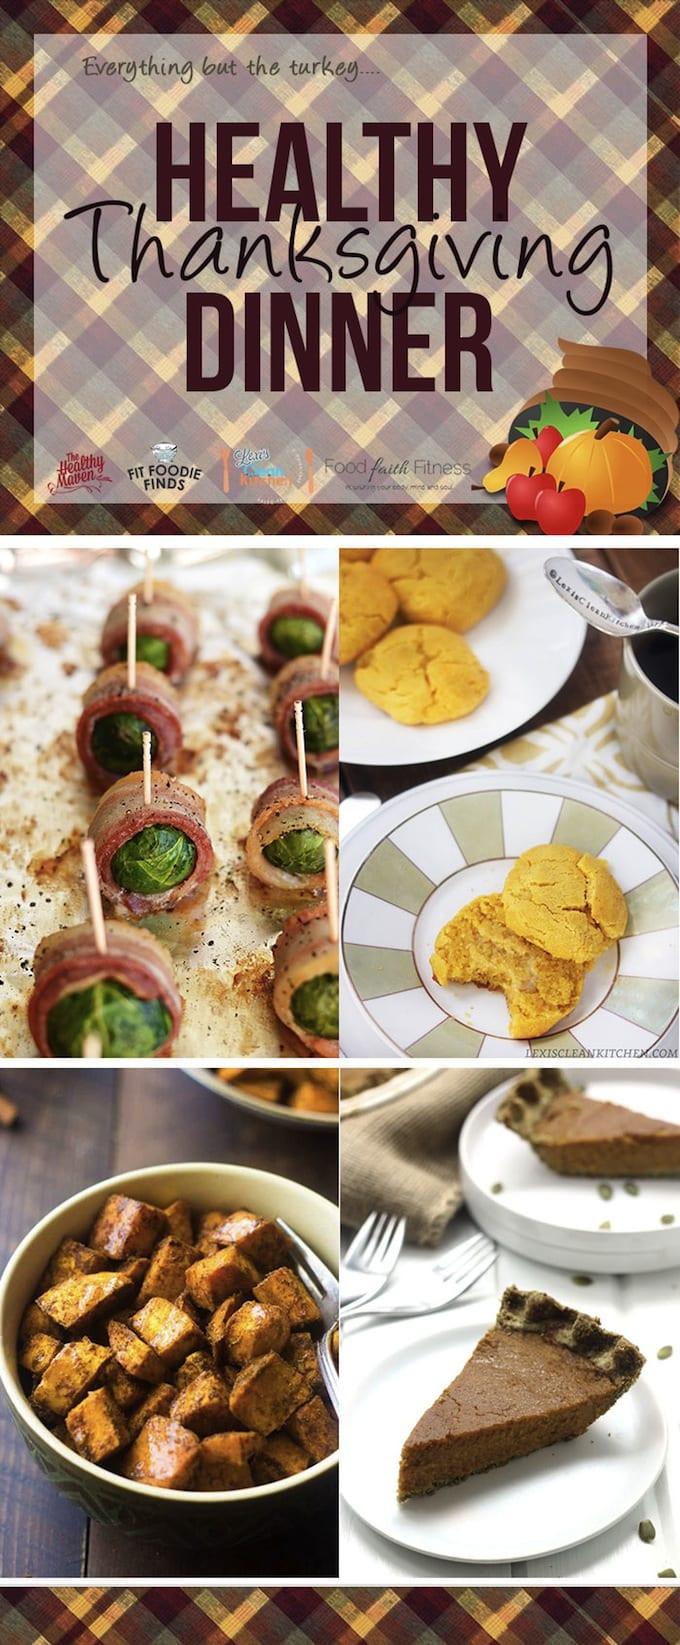 Healthy Thanksgiving Menu  Paleo Pumpkin Pie in a Pumpkin Seed Crust A Healthy